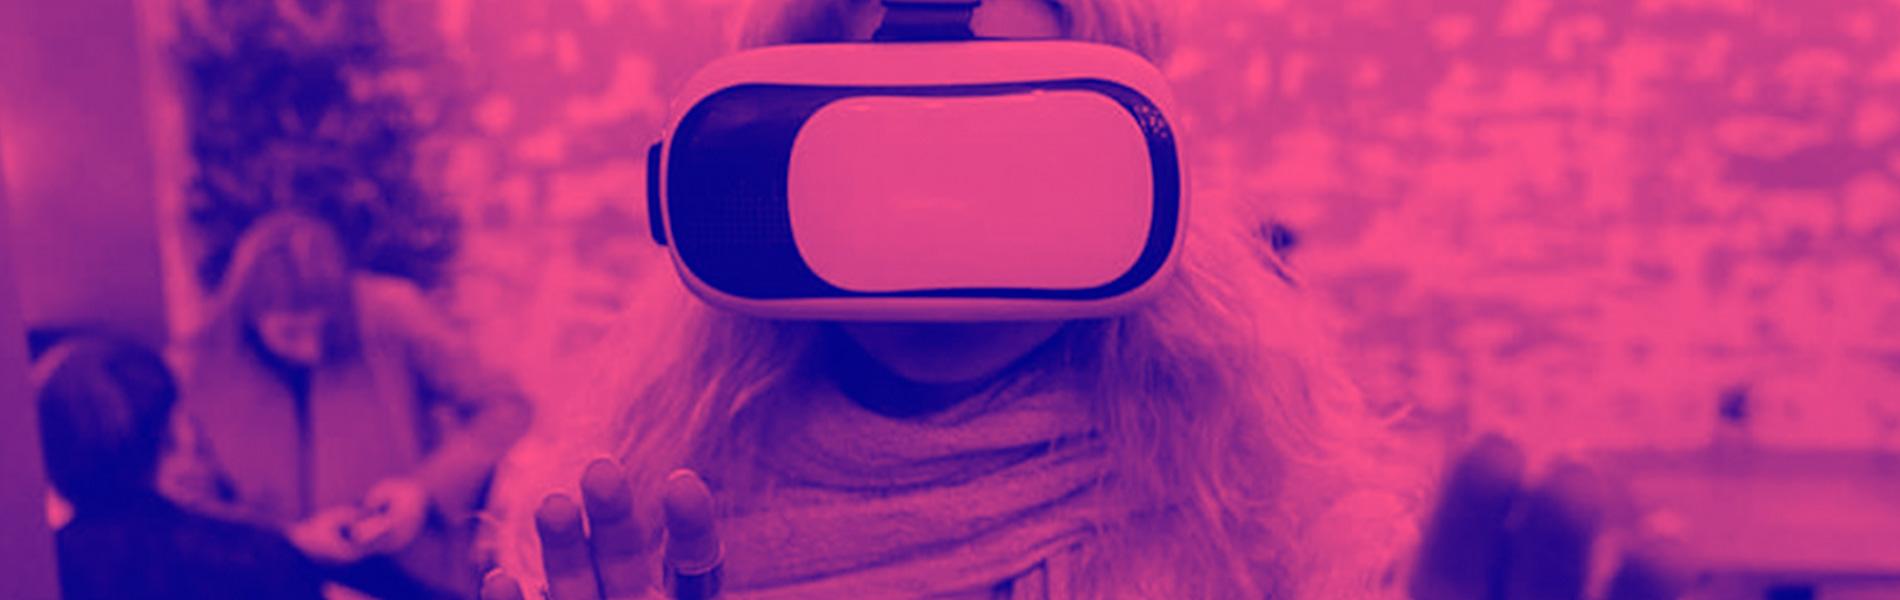 Aplicaciones de realidad aumentada: usos y ventajas